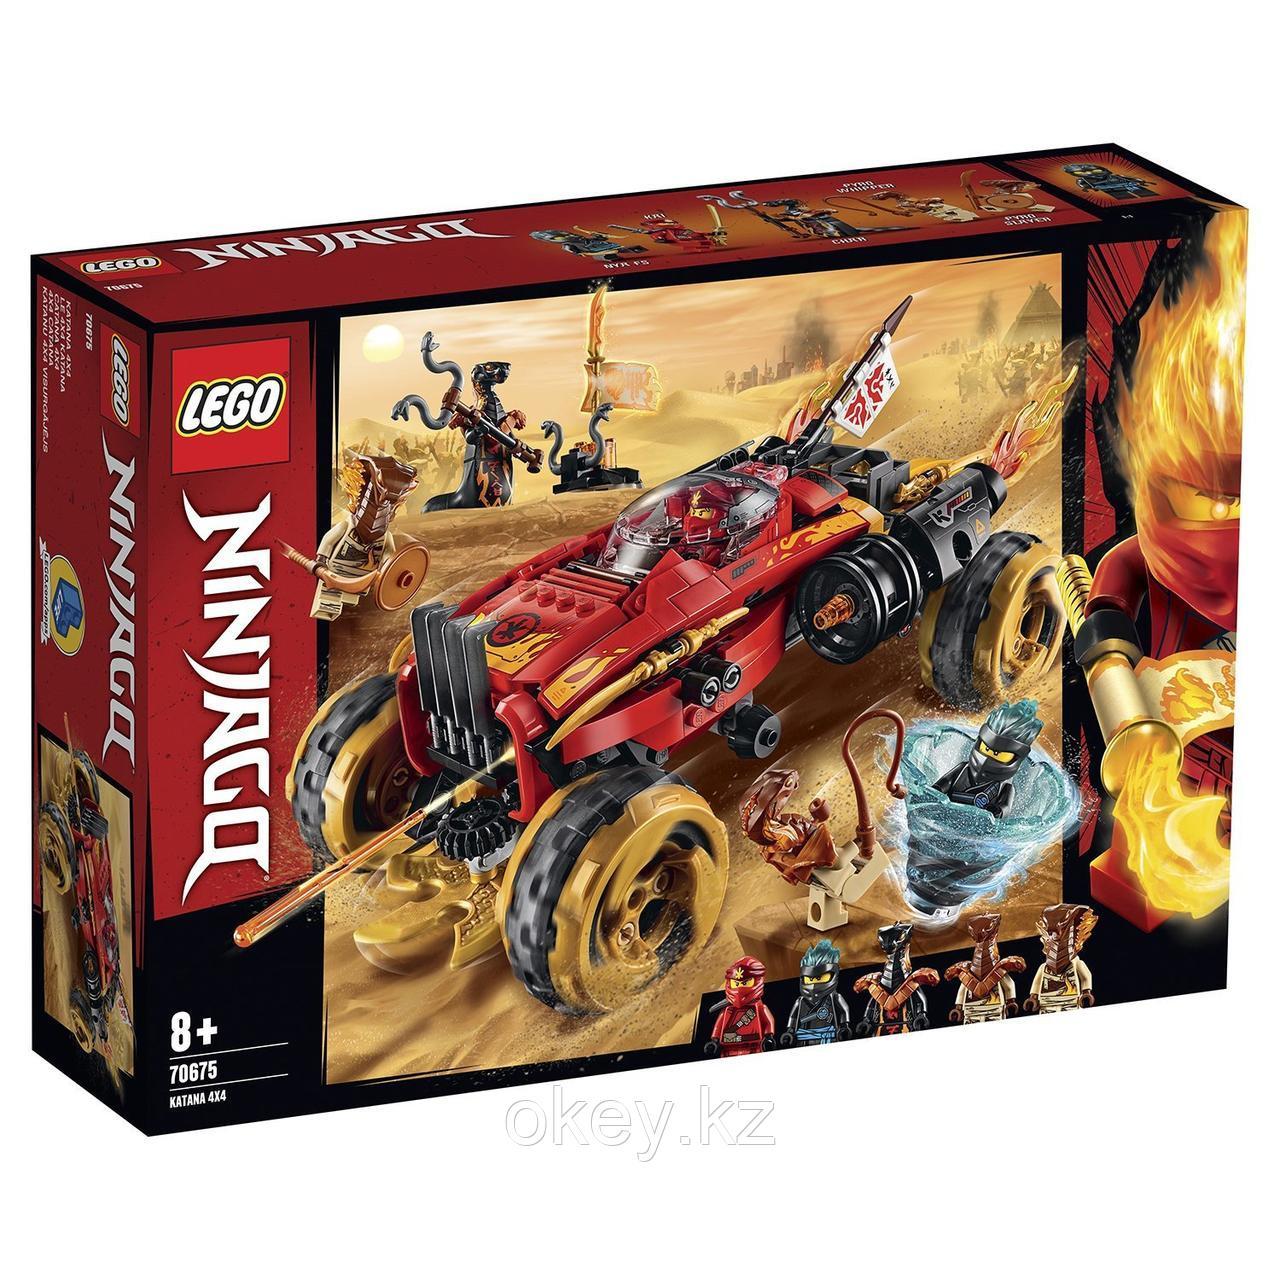 LEGO Ninjago: Внедорожник Катана 4х4 70675